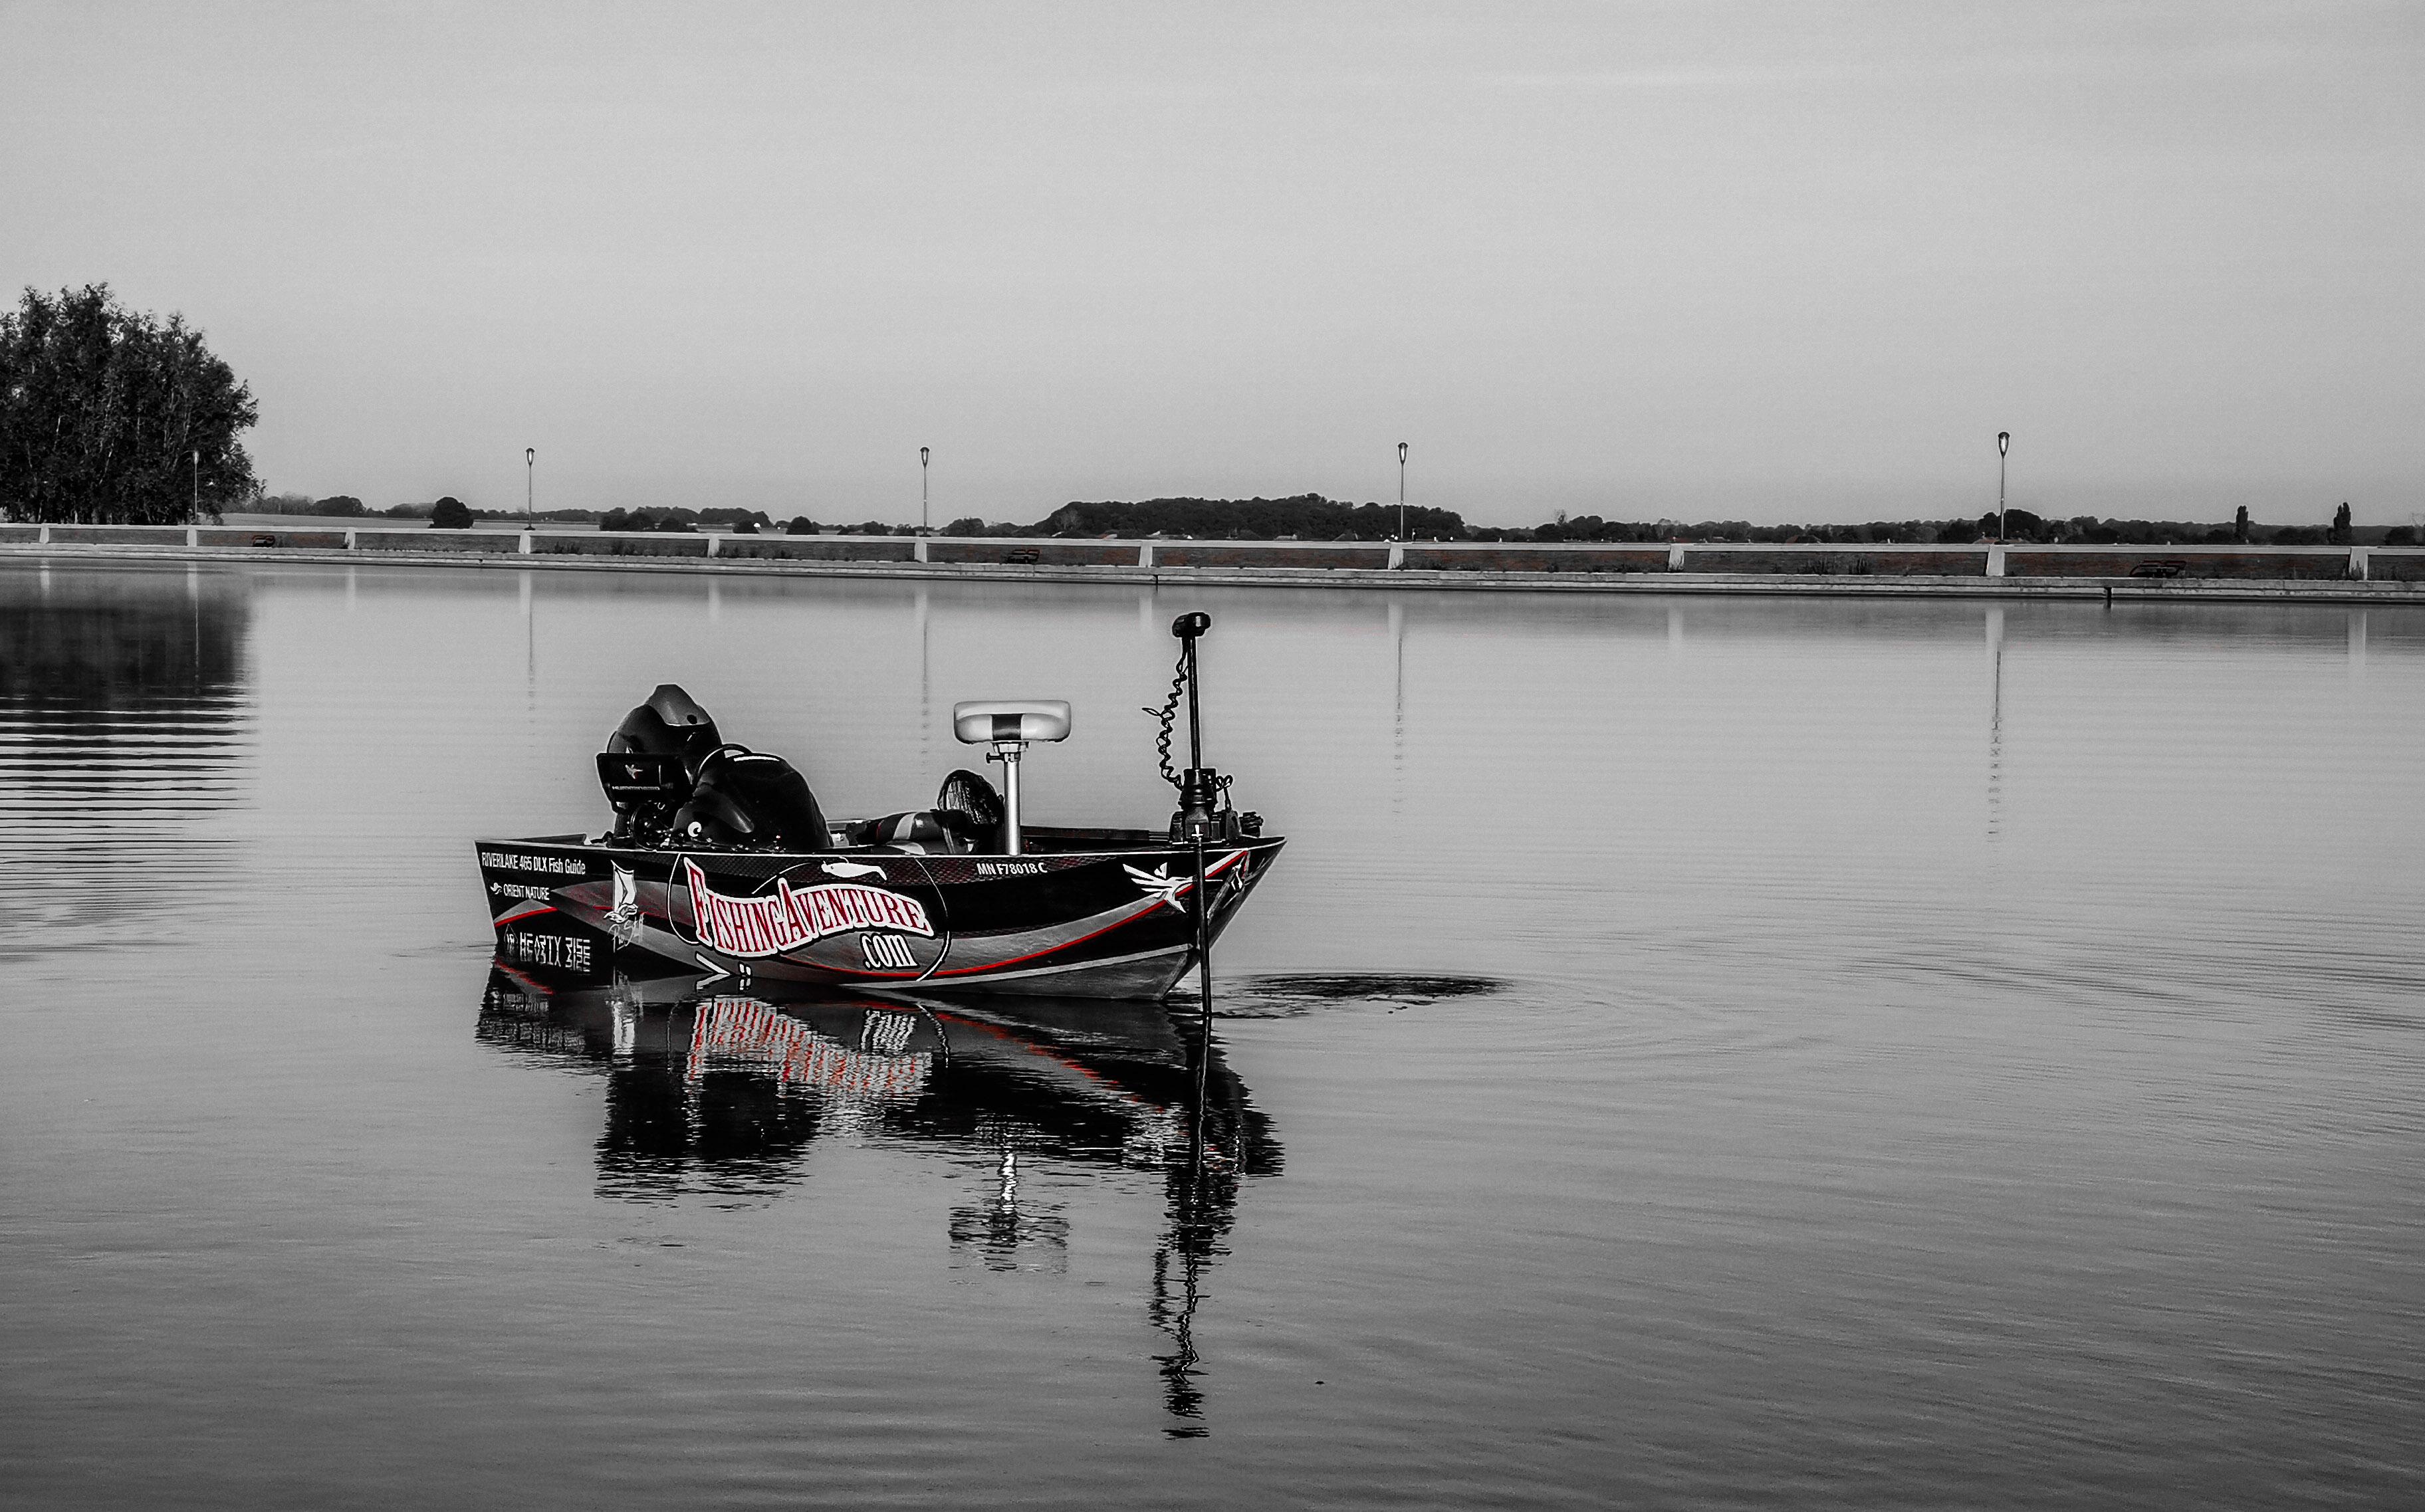 Bateau fishing aventure guide